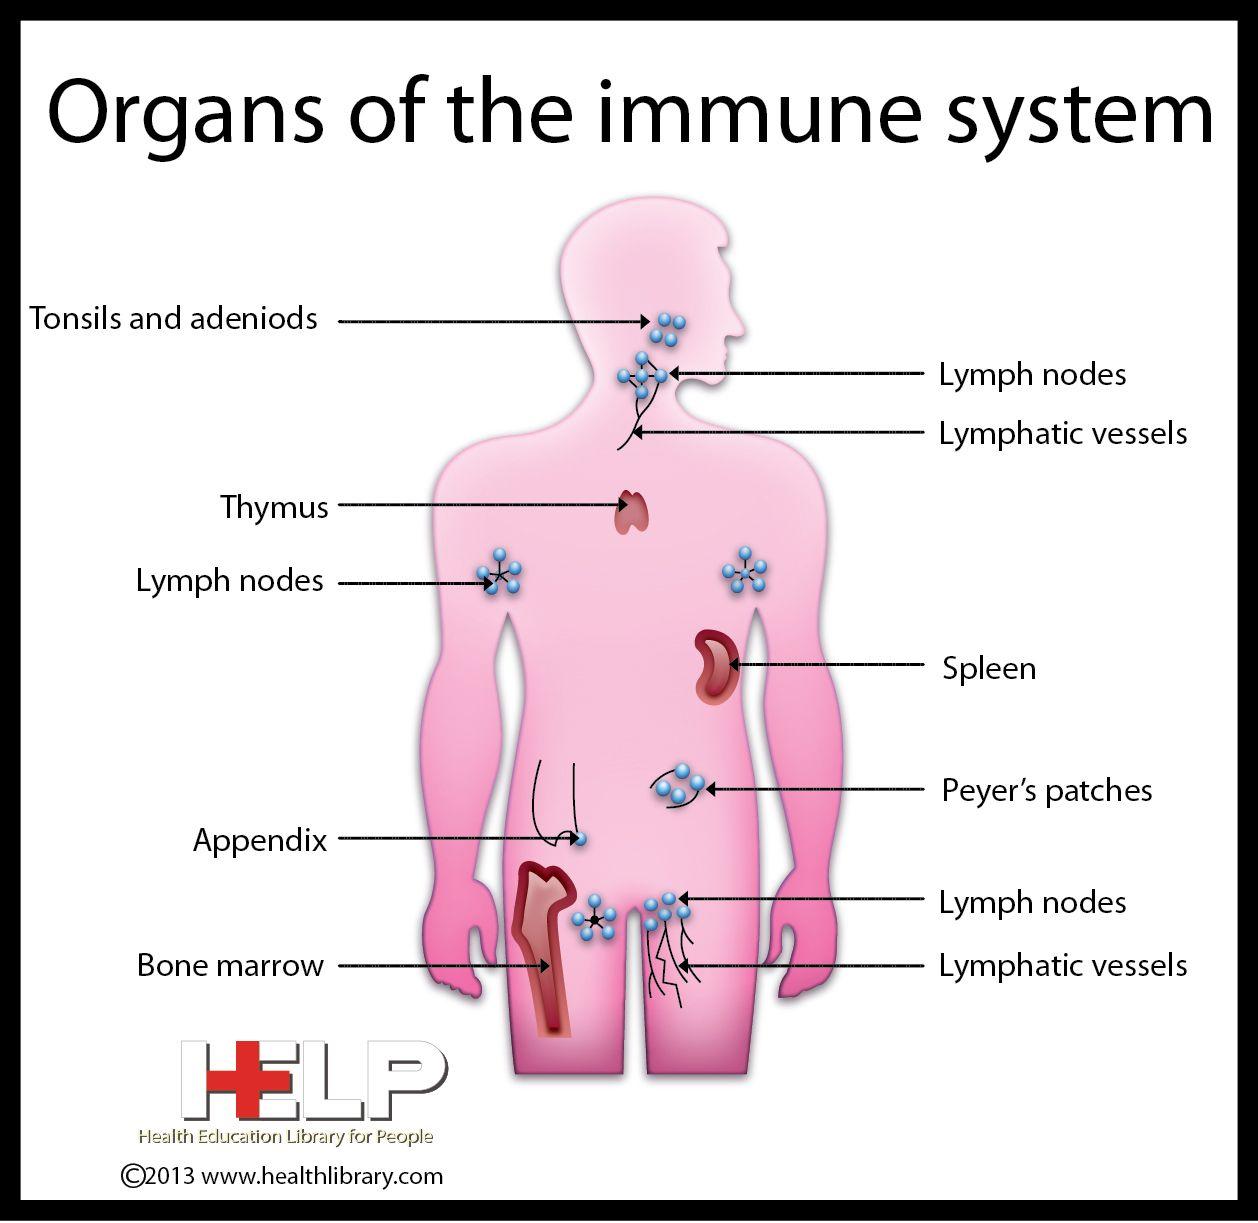 immune system organs - Ukran.soochi.co